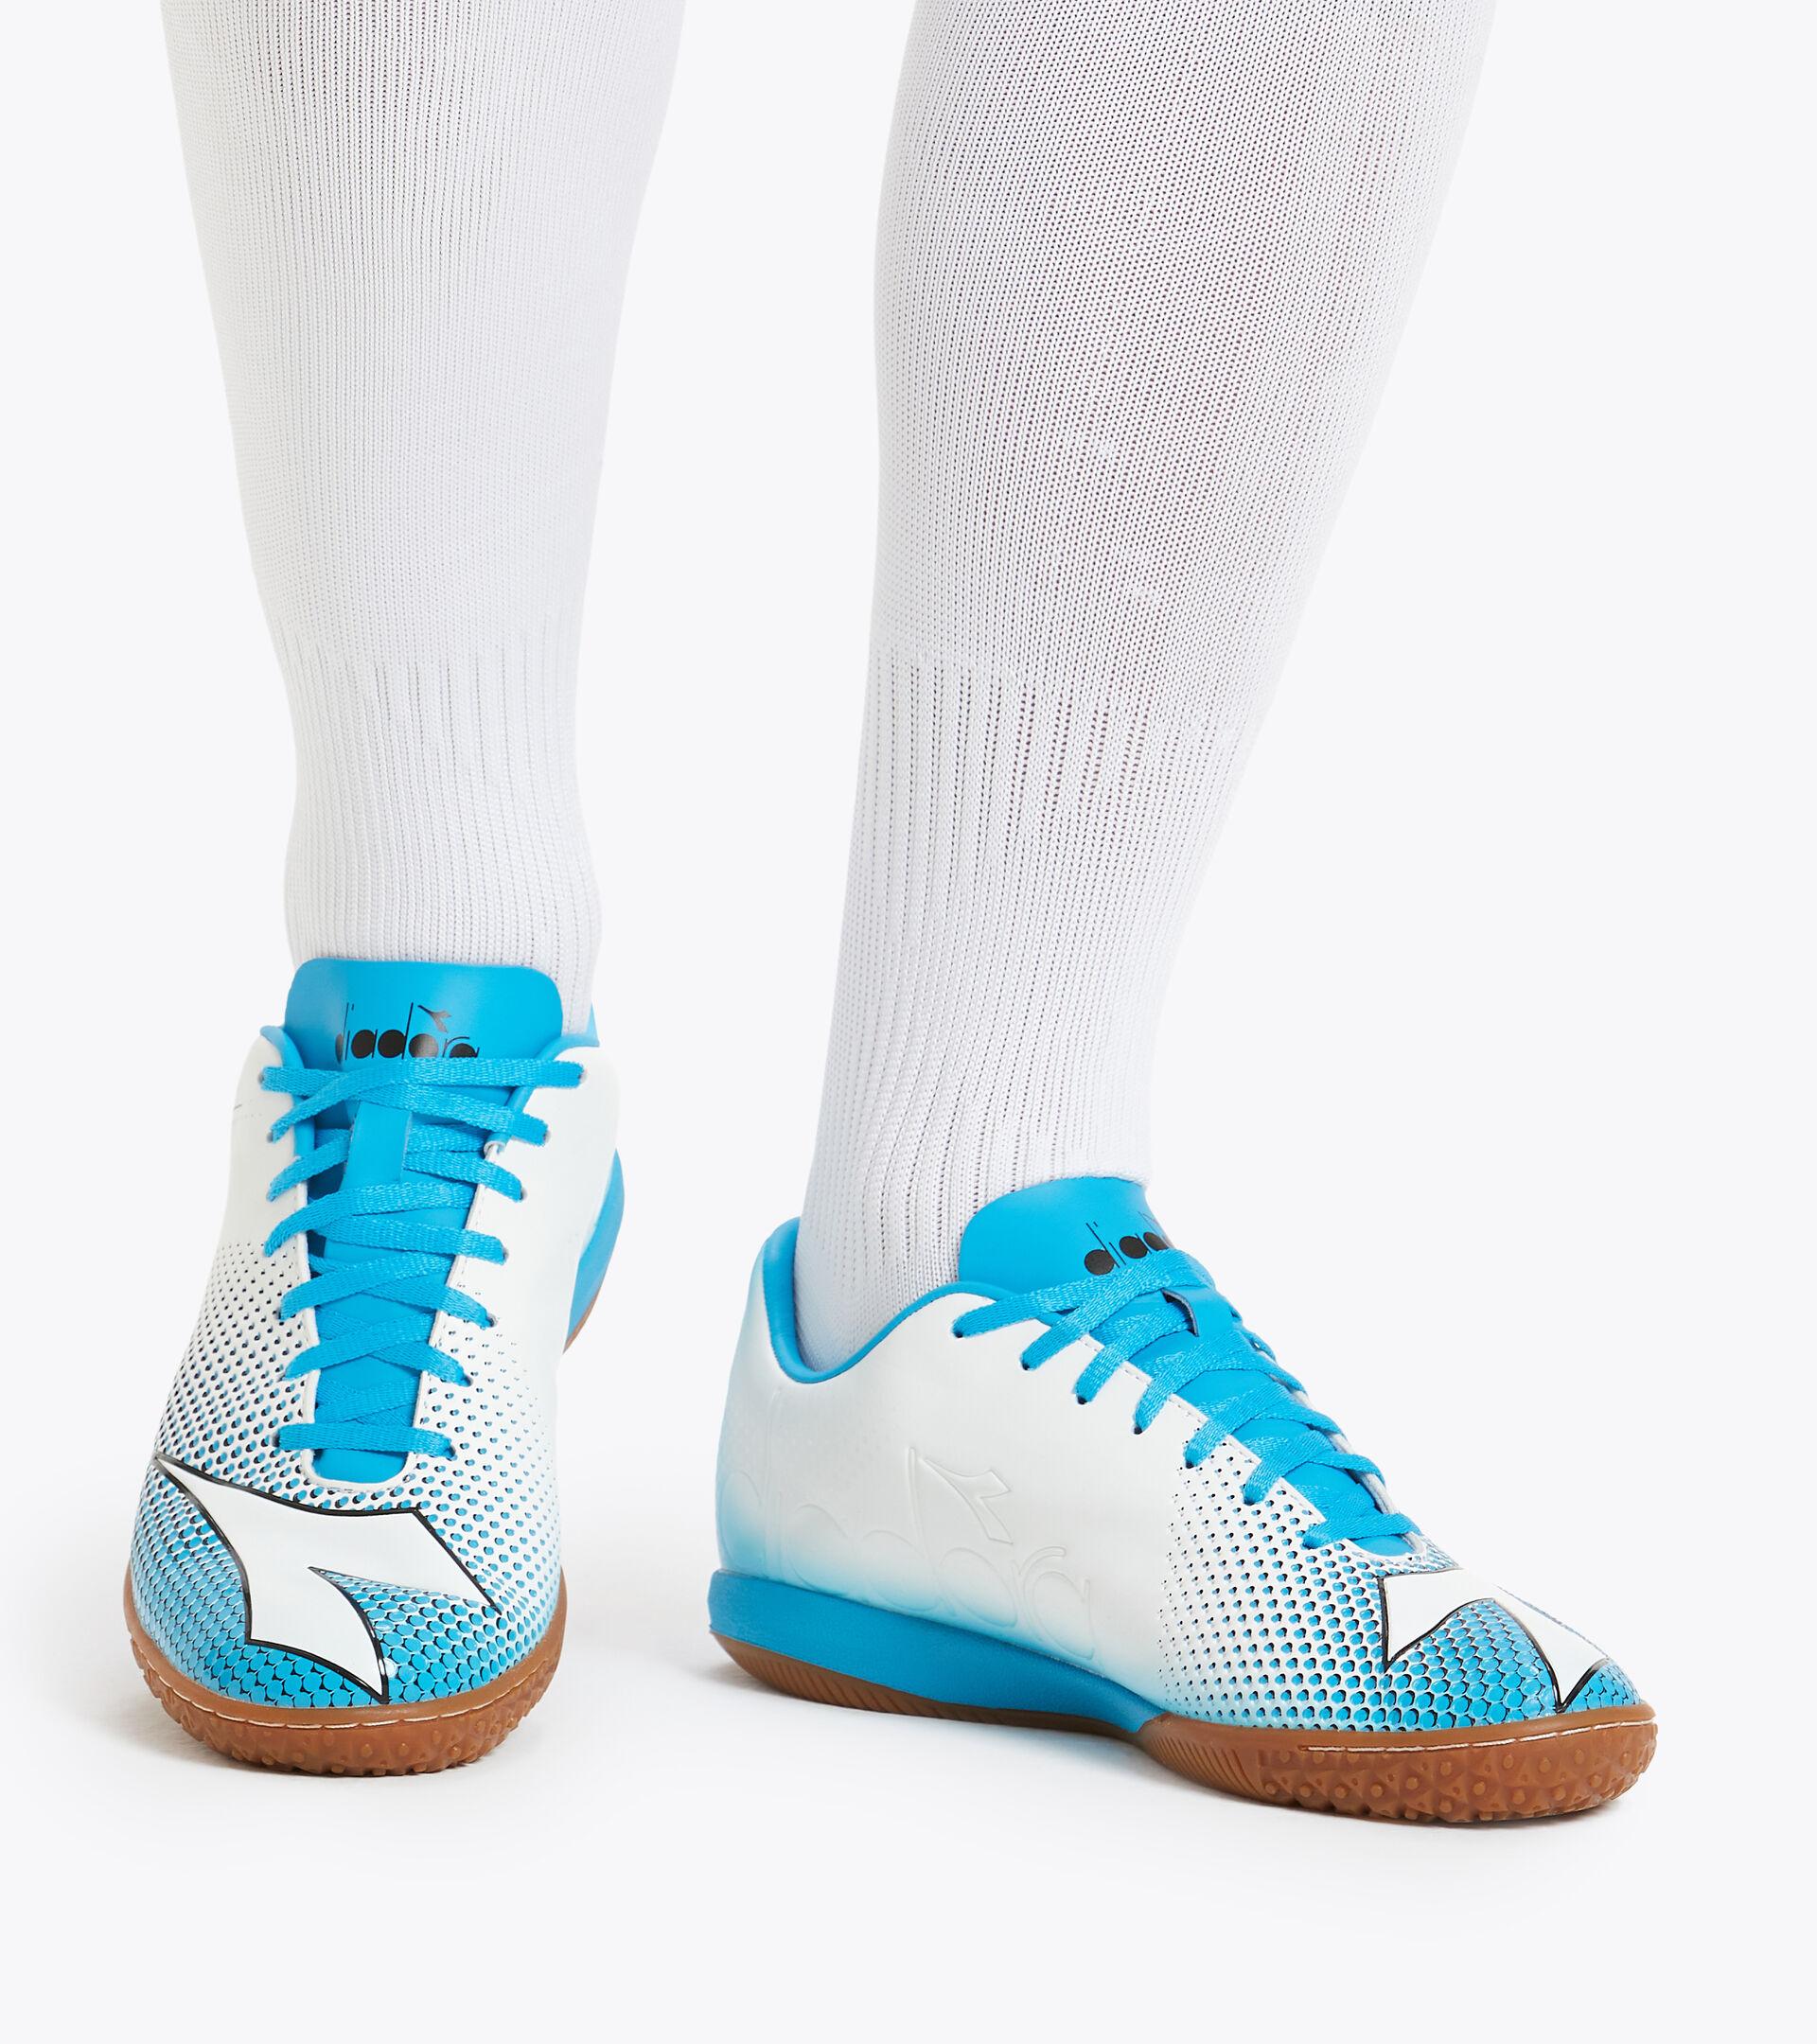 Footwear Sport UOMO BOMBER IDR BIANCO/AZZURRO CIANO FLUO/NERO Diadora